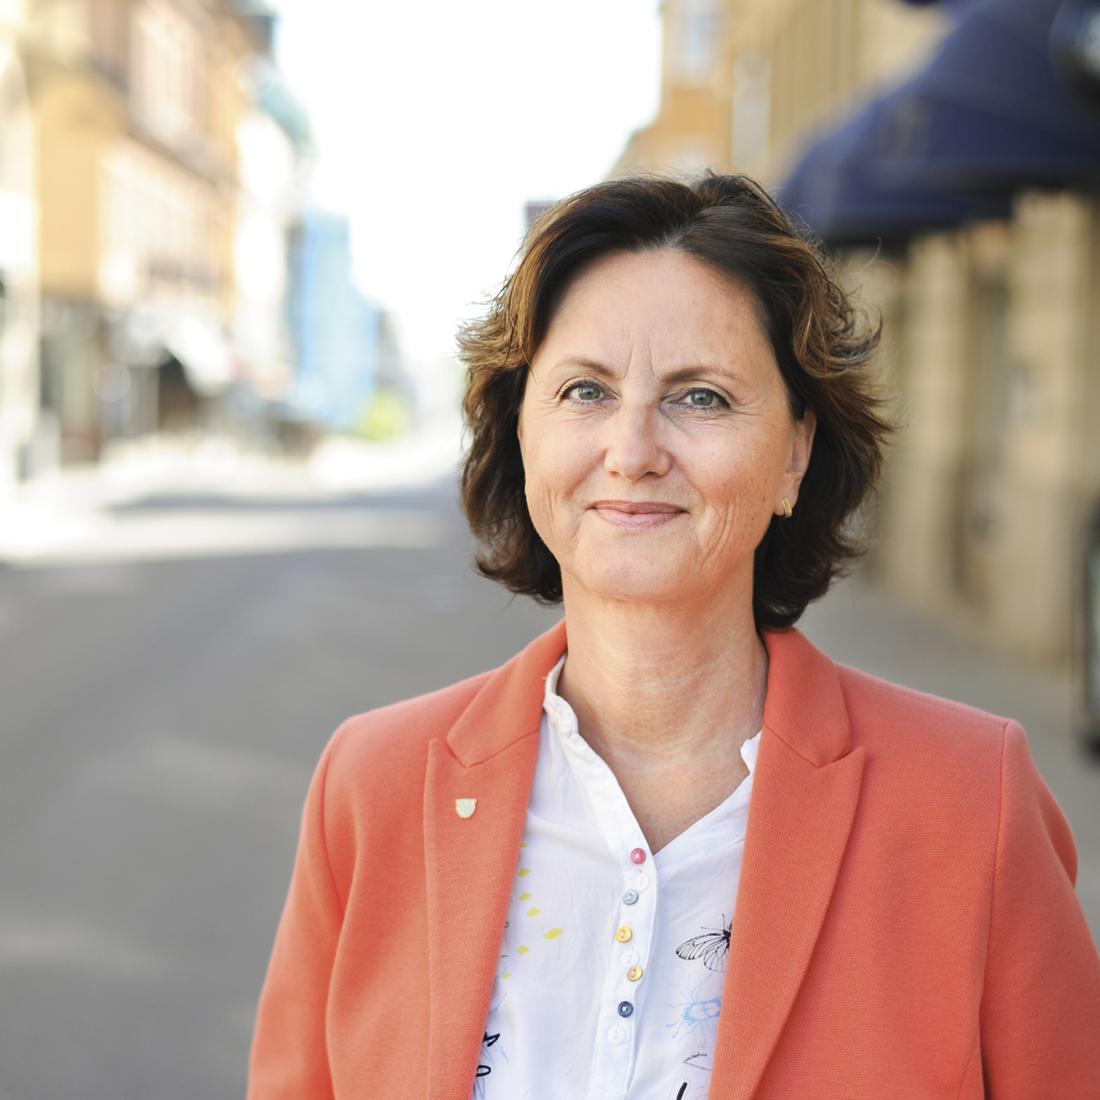 Linköpings näringslivsdirektör med hjärtat i öst och väst – och i Kenya